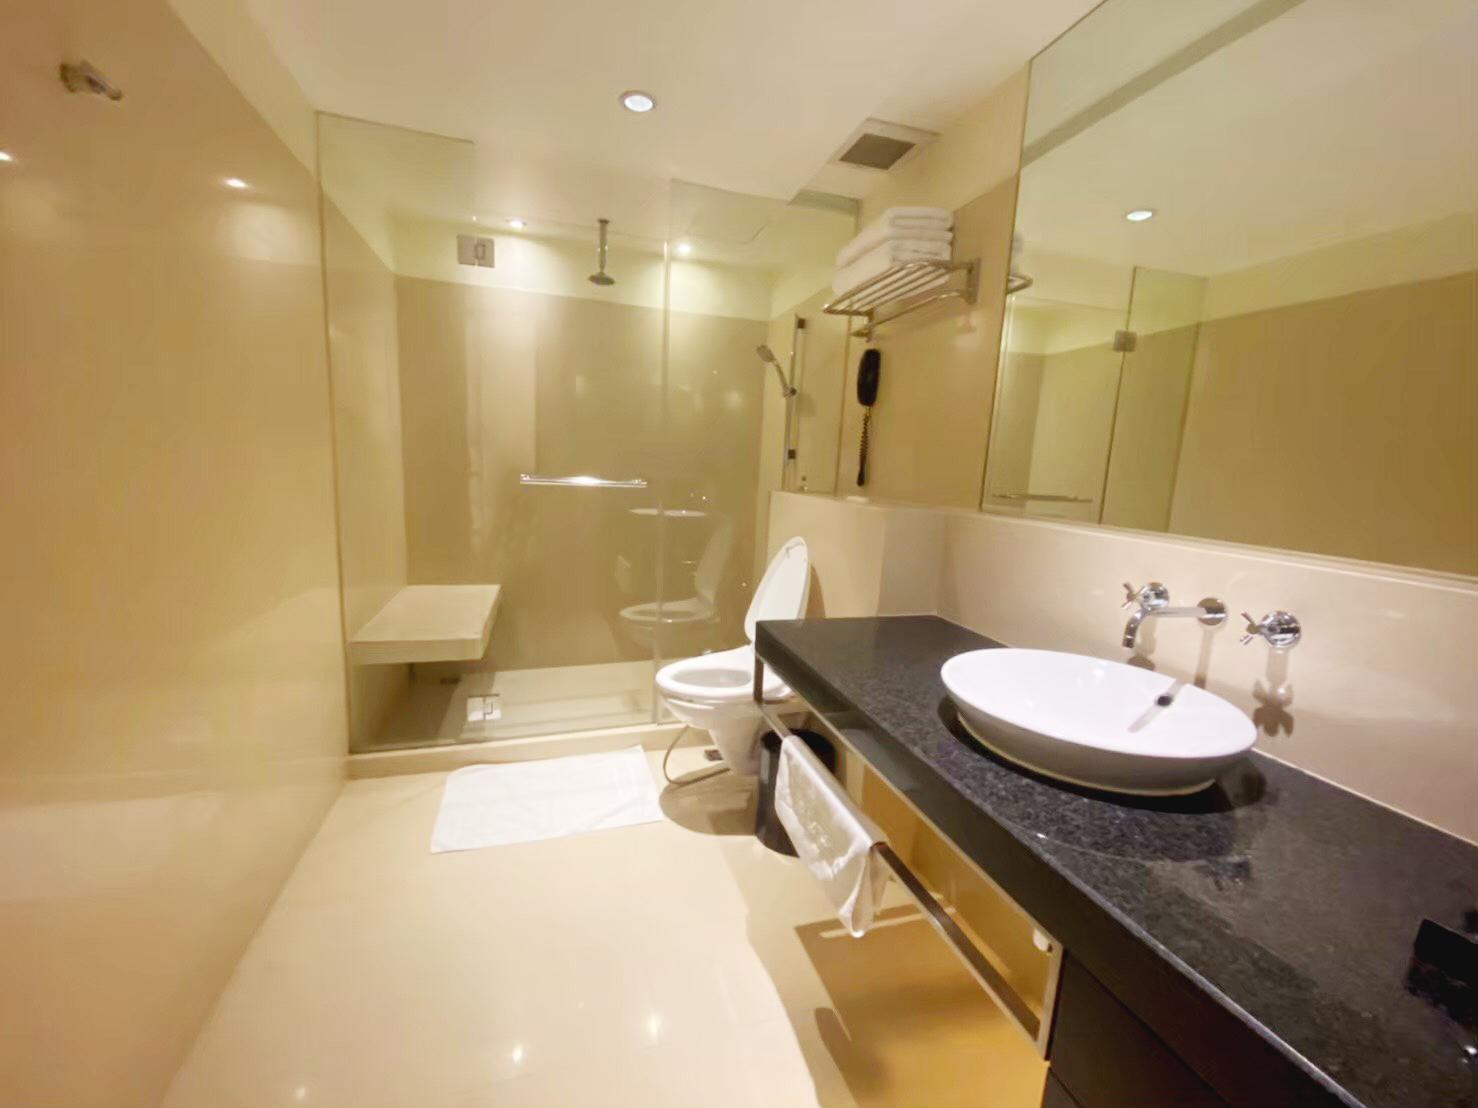 Bangkok Condo For Rent in Sathorn Sala Daeng Silom Bright Spacious Condo